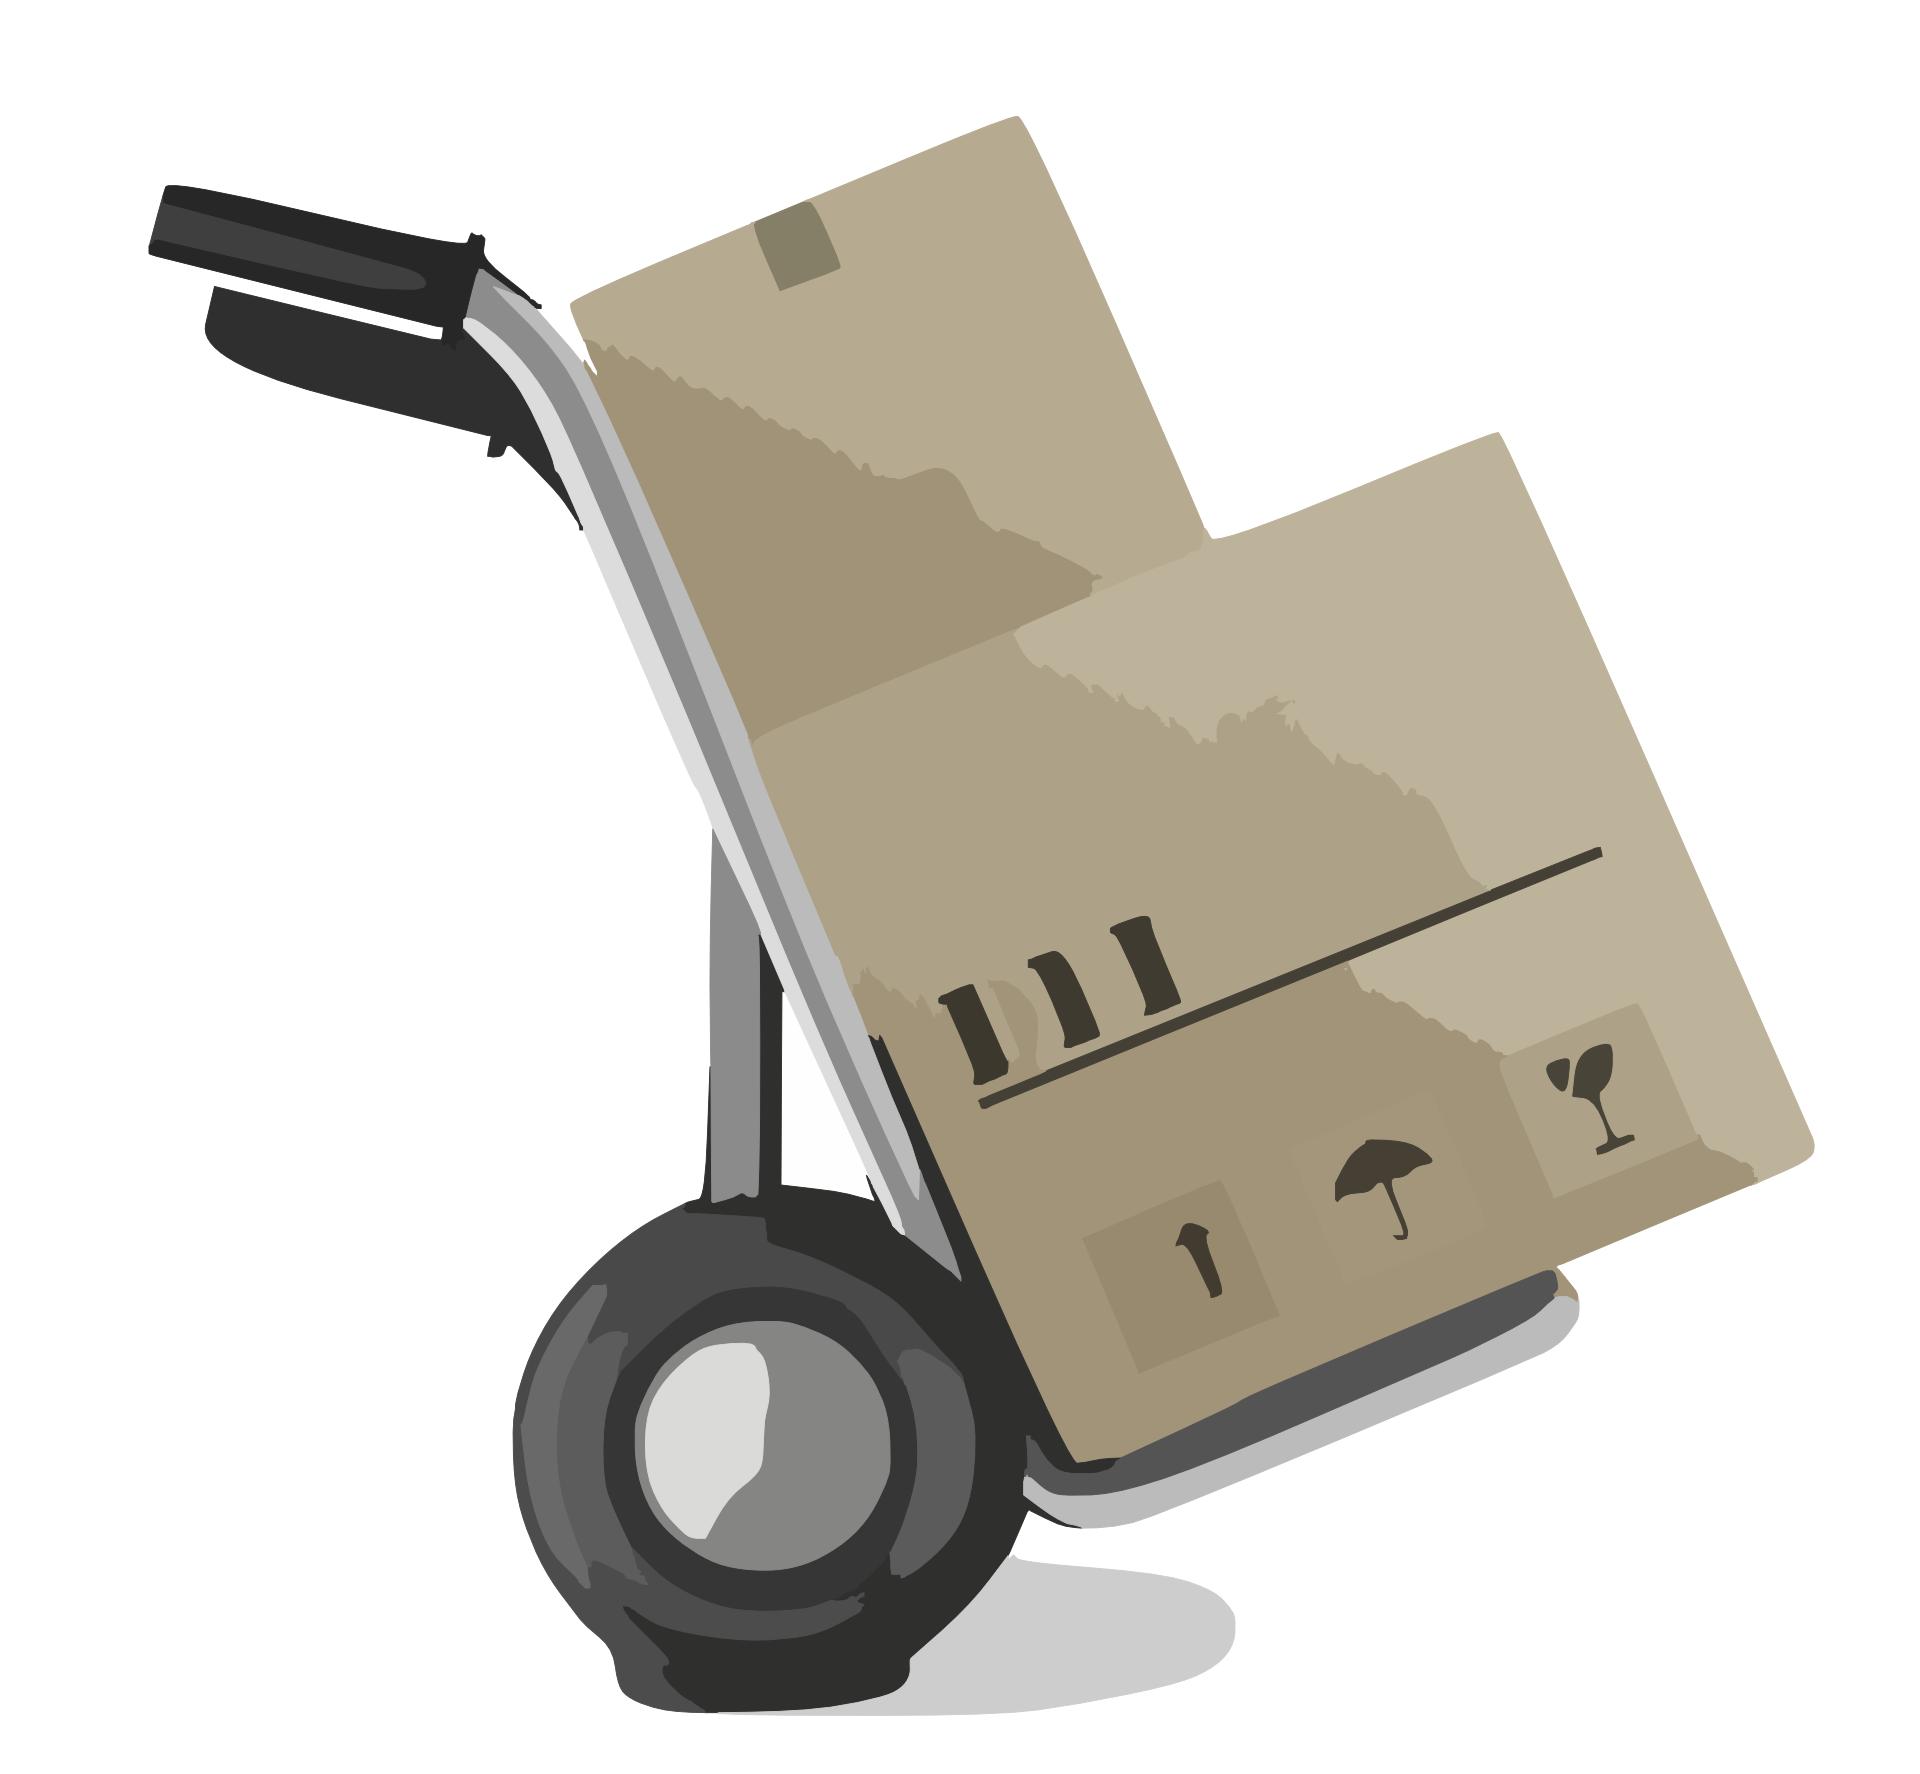 Jak działa wysyłka w 24 godziny ze sklepu internetowego?